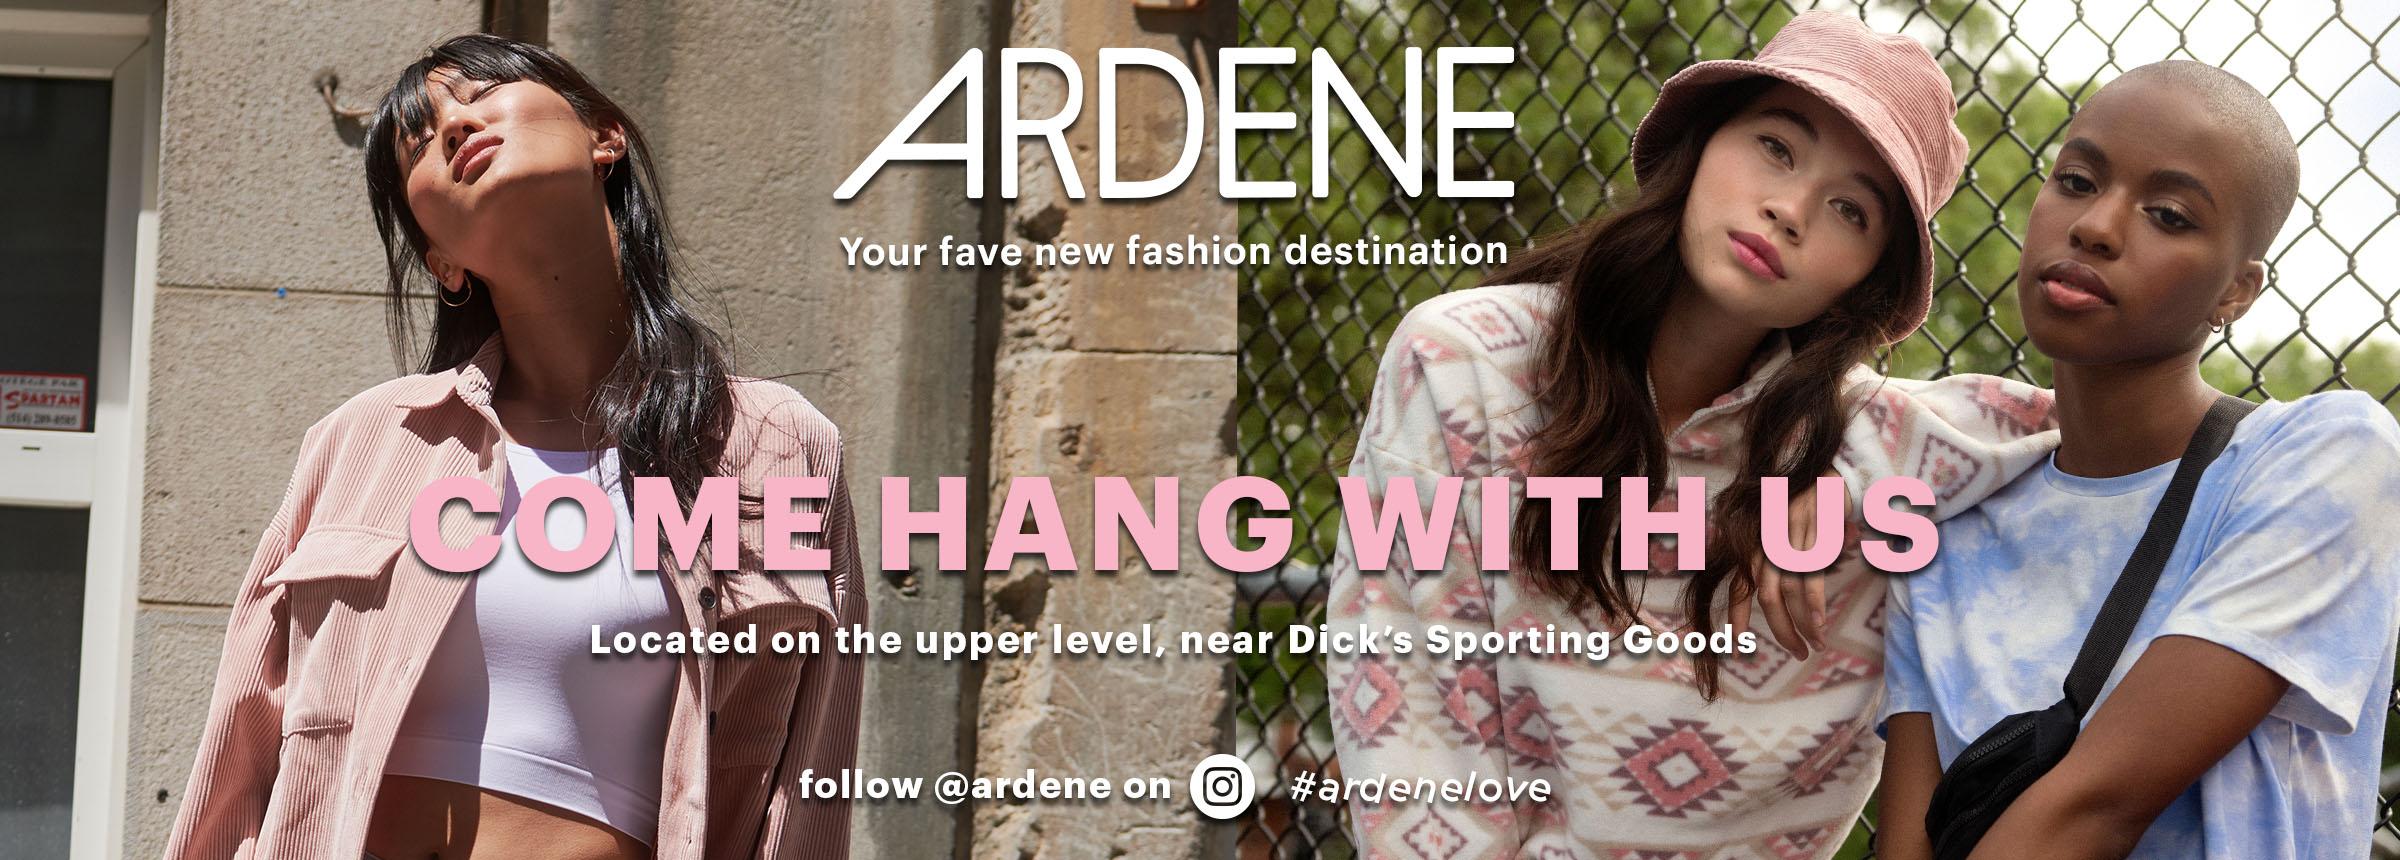 Ardene Now Open Web Banner 2400x860